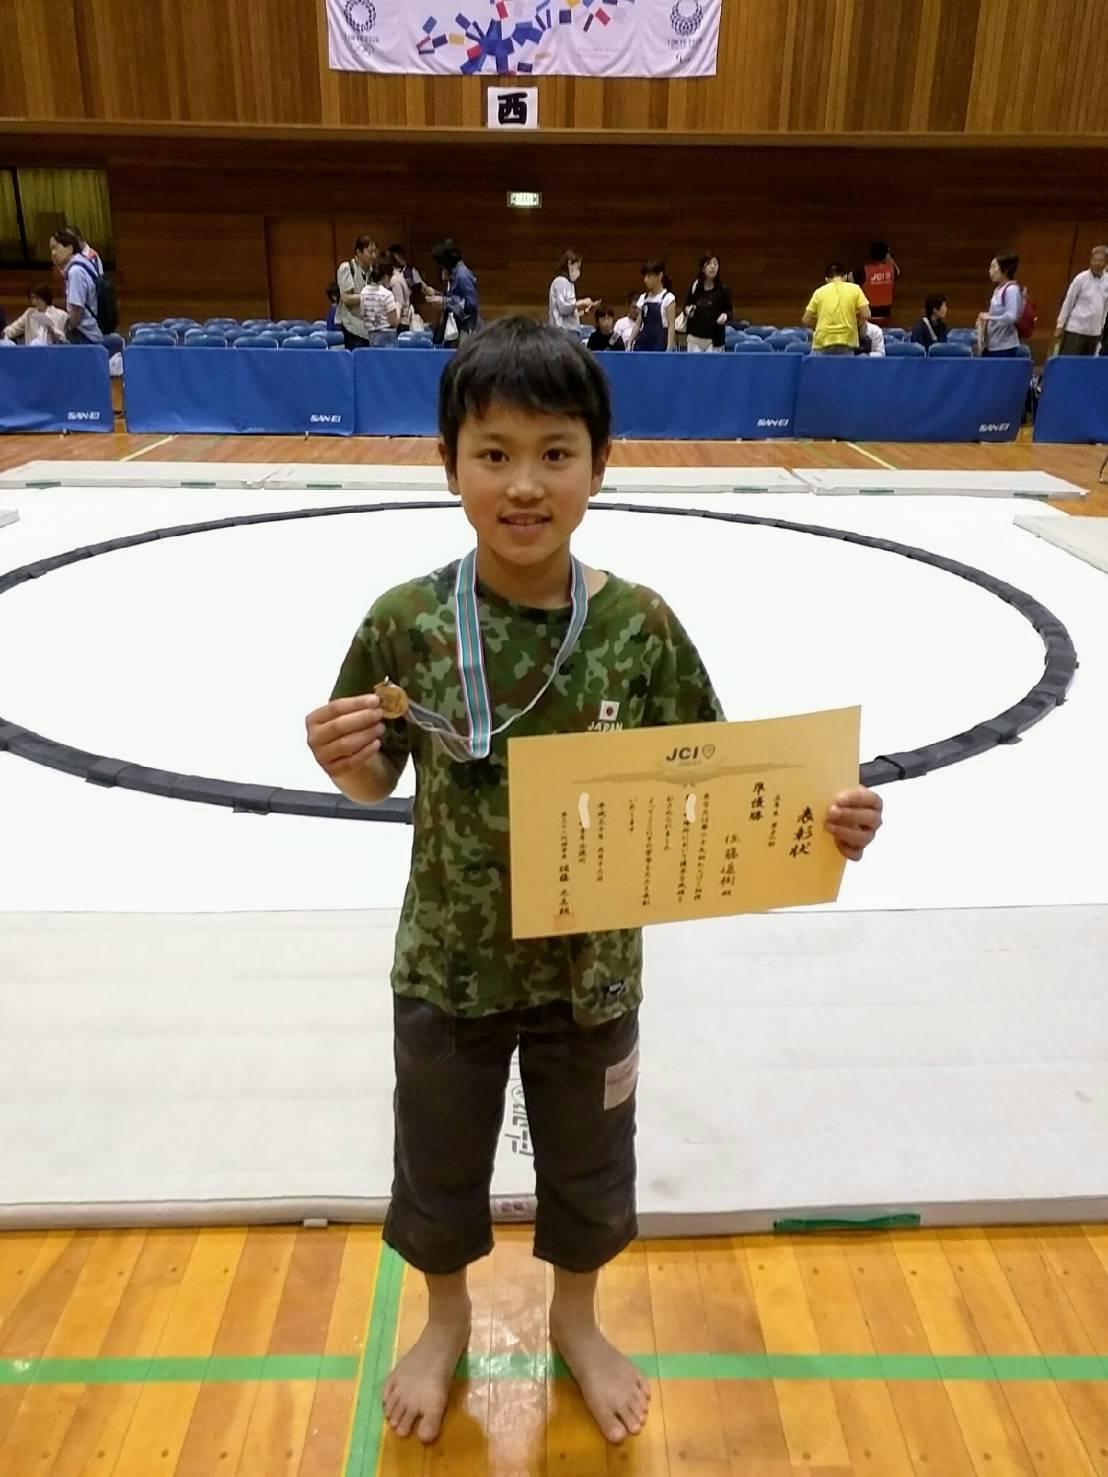 第28回わんぱく相撲 東大和場所|大会写真